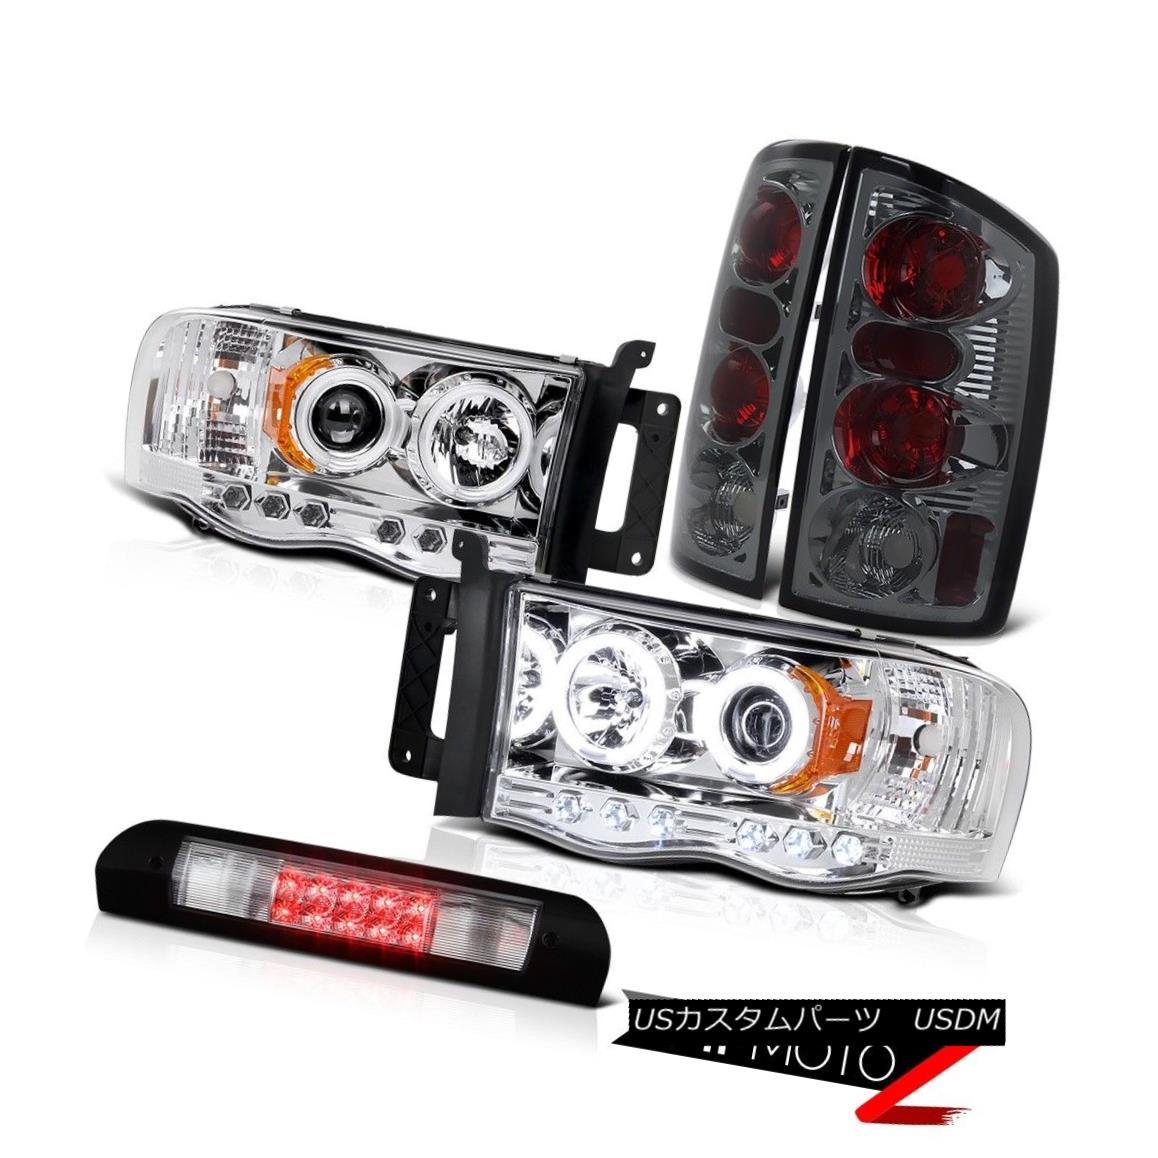 ヘッドライト C.C.F.L Headlights Tinted Brake Tail Light Roof Stop LED 02 03 04 05 Dodge Ram C.C.F.Lヘッドライト着色ブレーキテールライトルーフストップLED 02 03 04 05 Dodge Ram